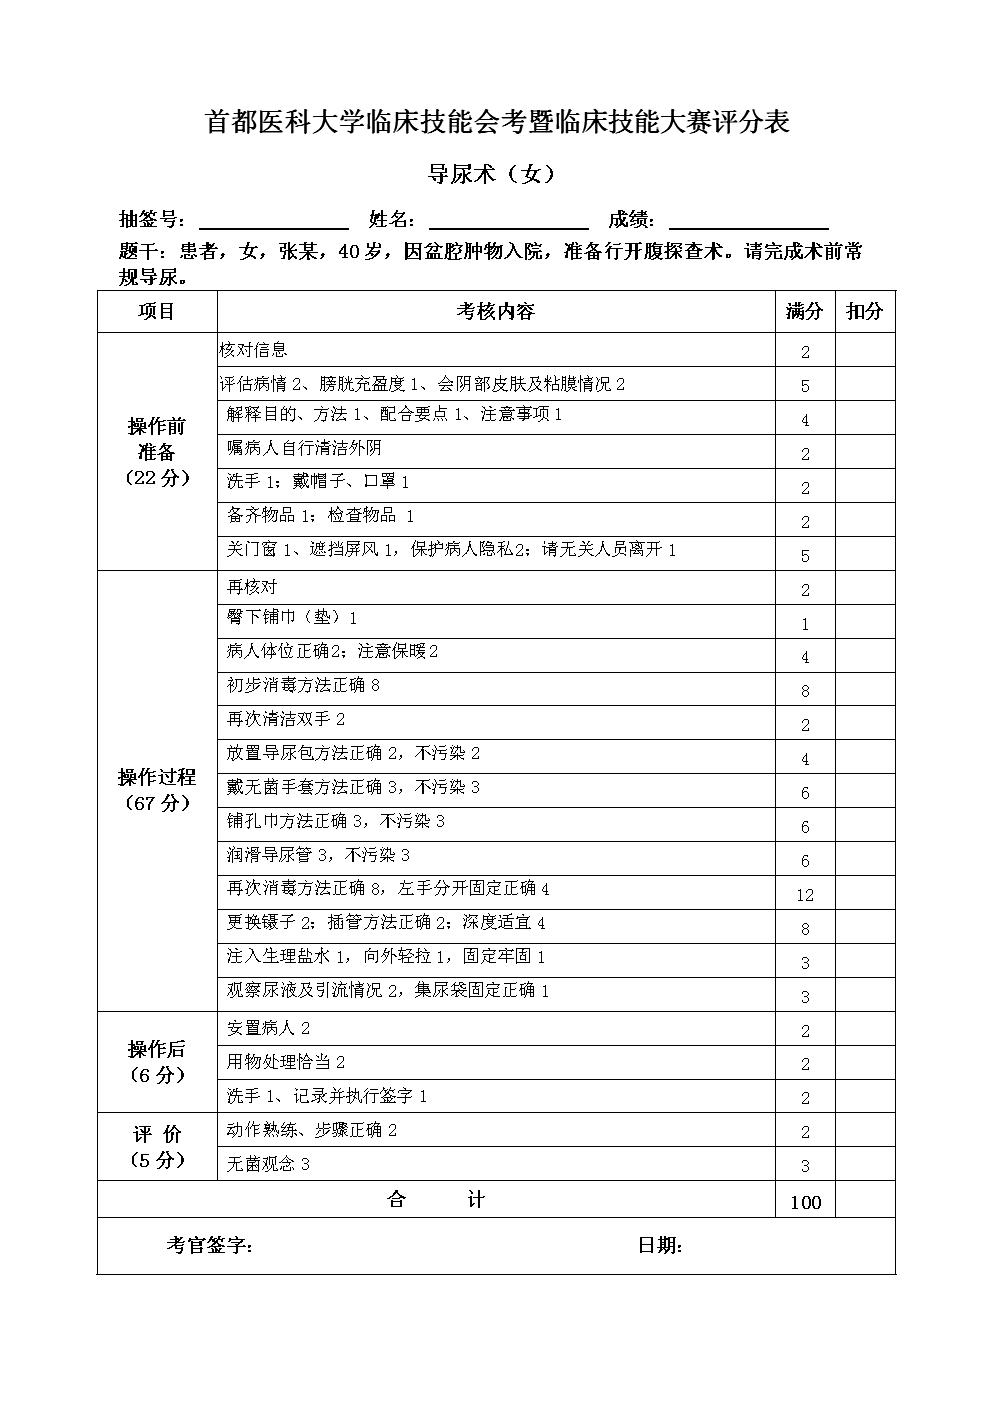 临床技能大赛评分表37.导尿术-女.doc图片